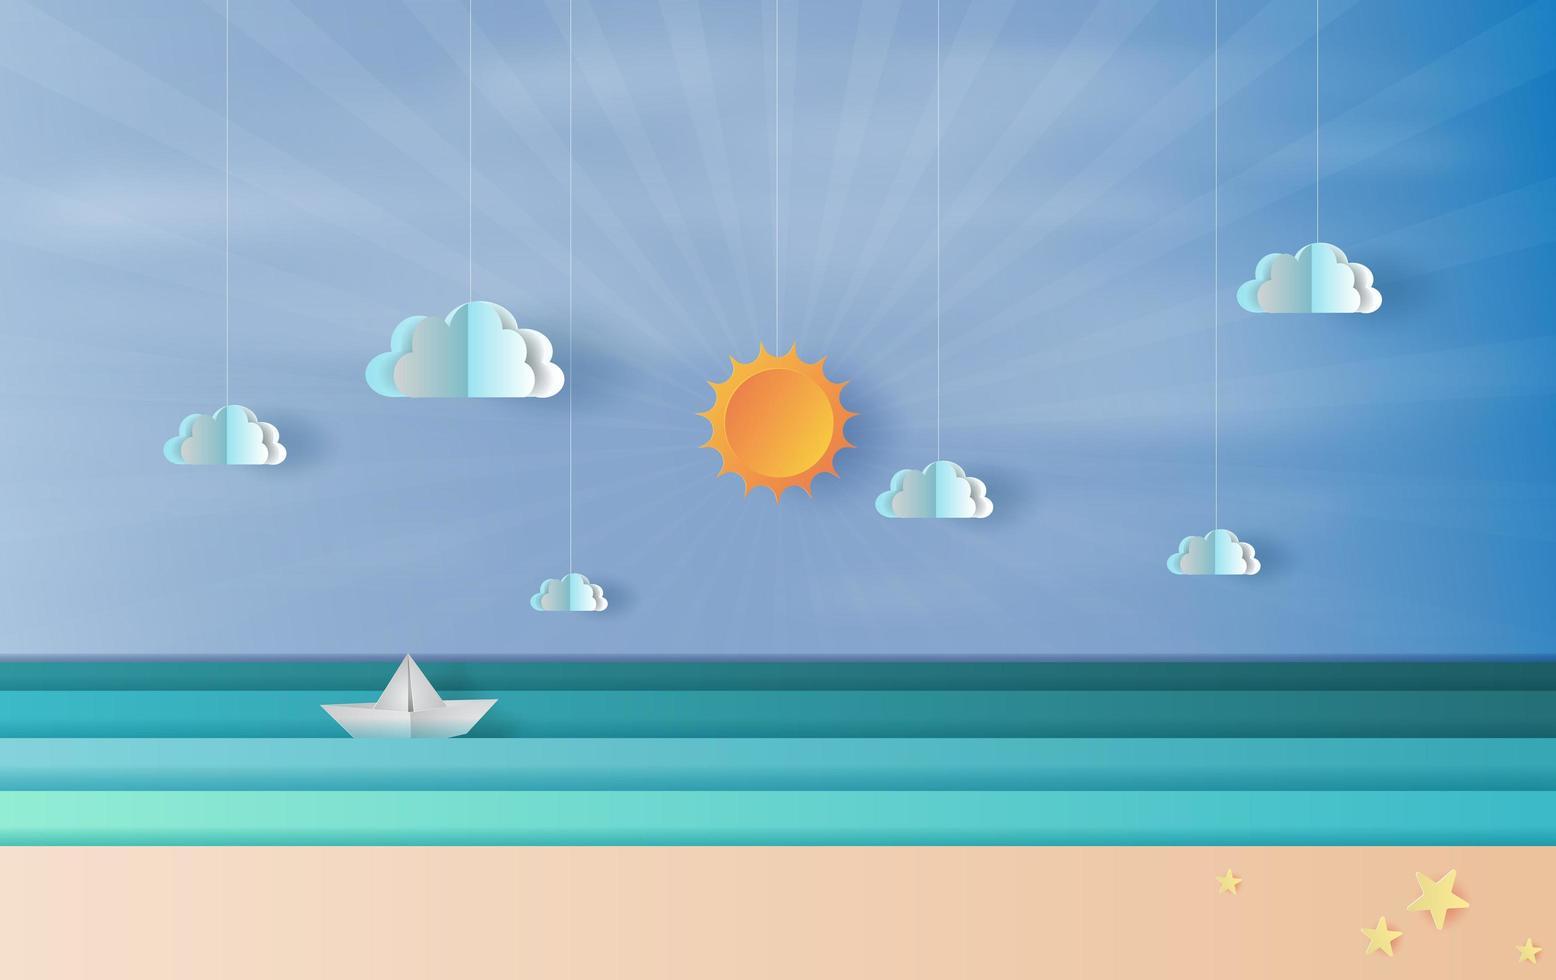 sfondo di banner orizzonte spiaggia stile arte e artigianato di carta vettore